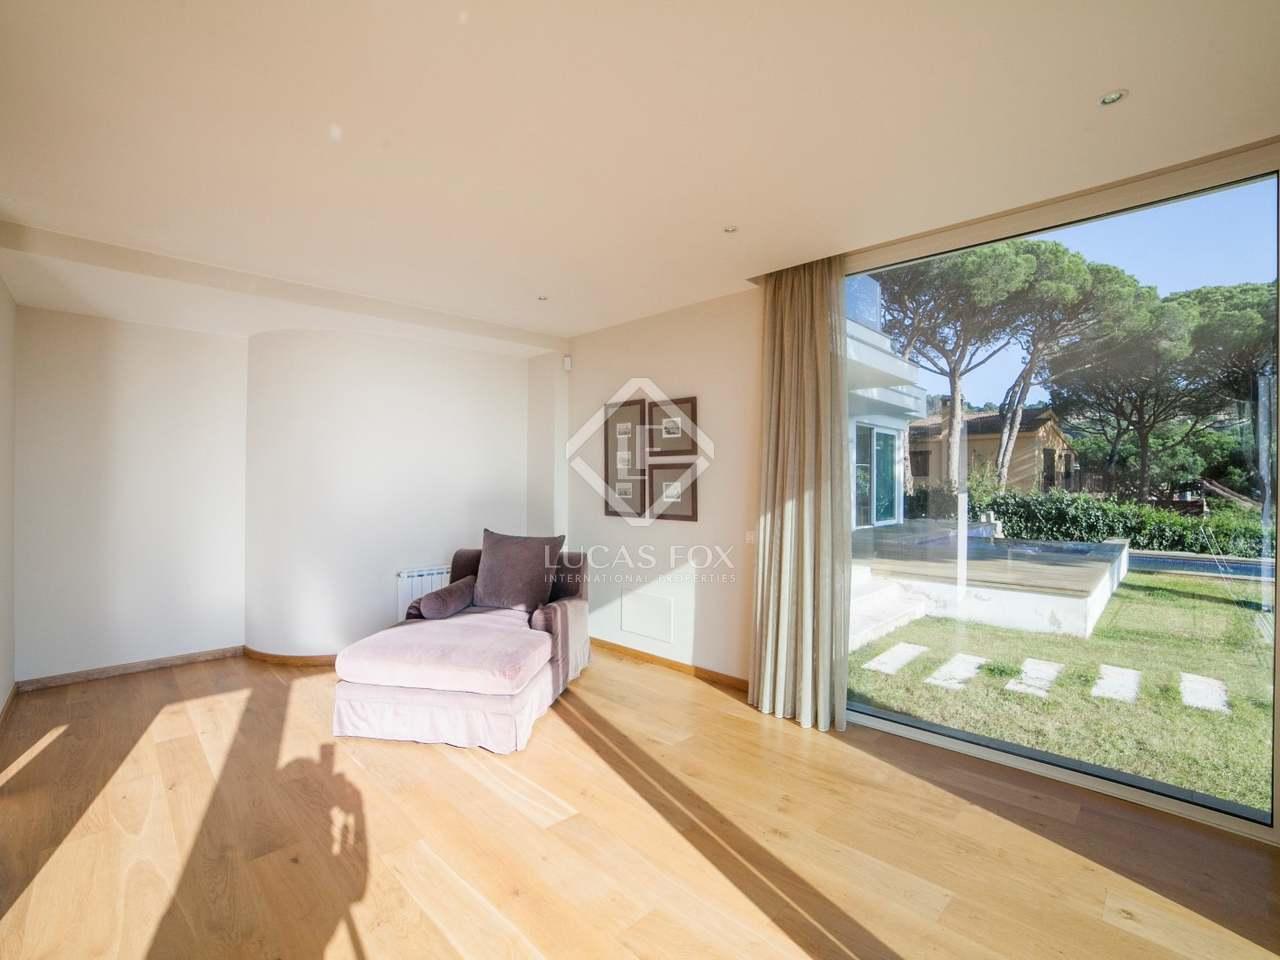 Luxe costa brava villa te koop in blanes met uitzicht op zee - Uitzonderlijke badkamer ...